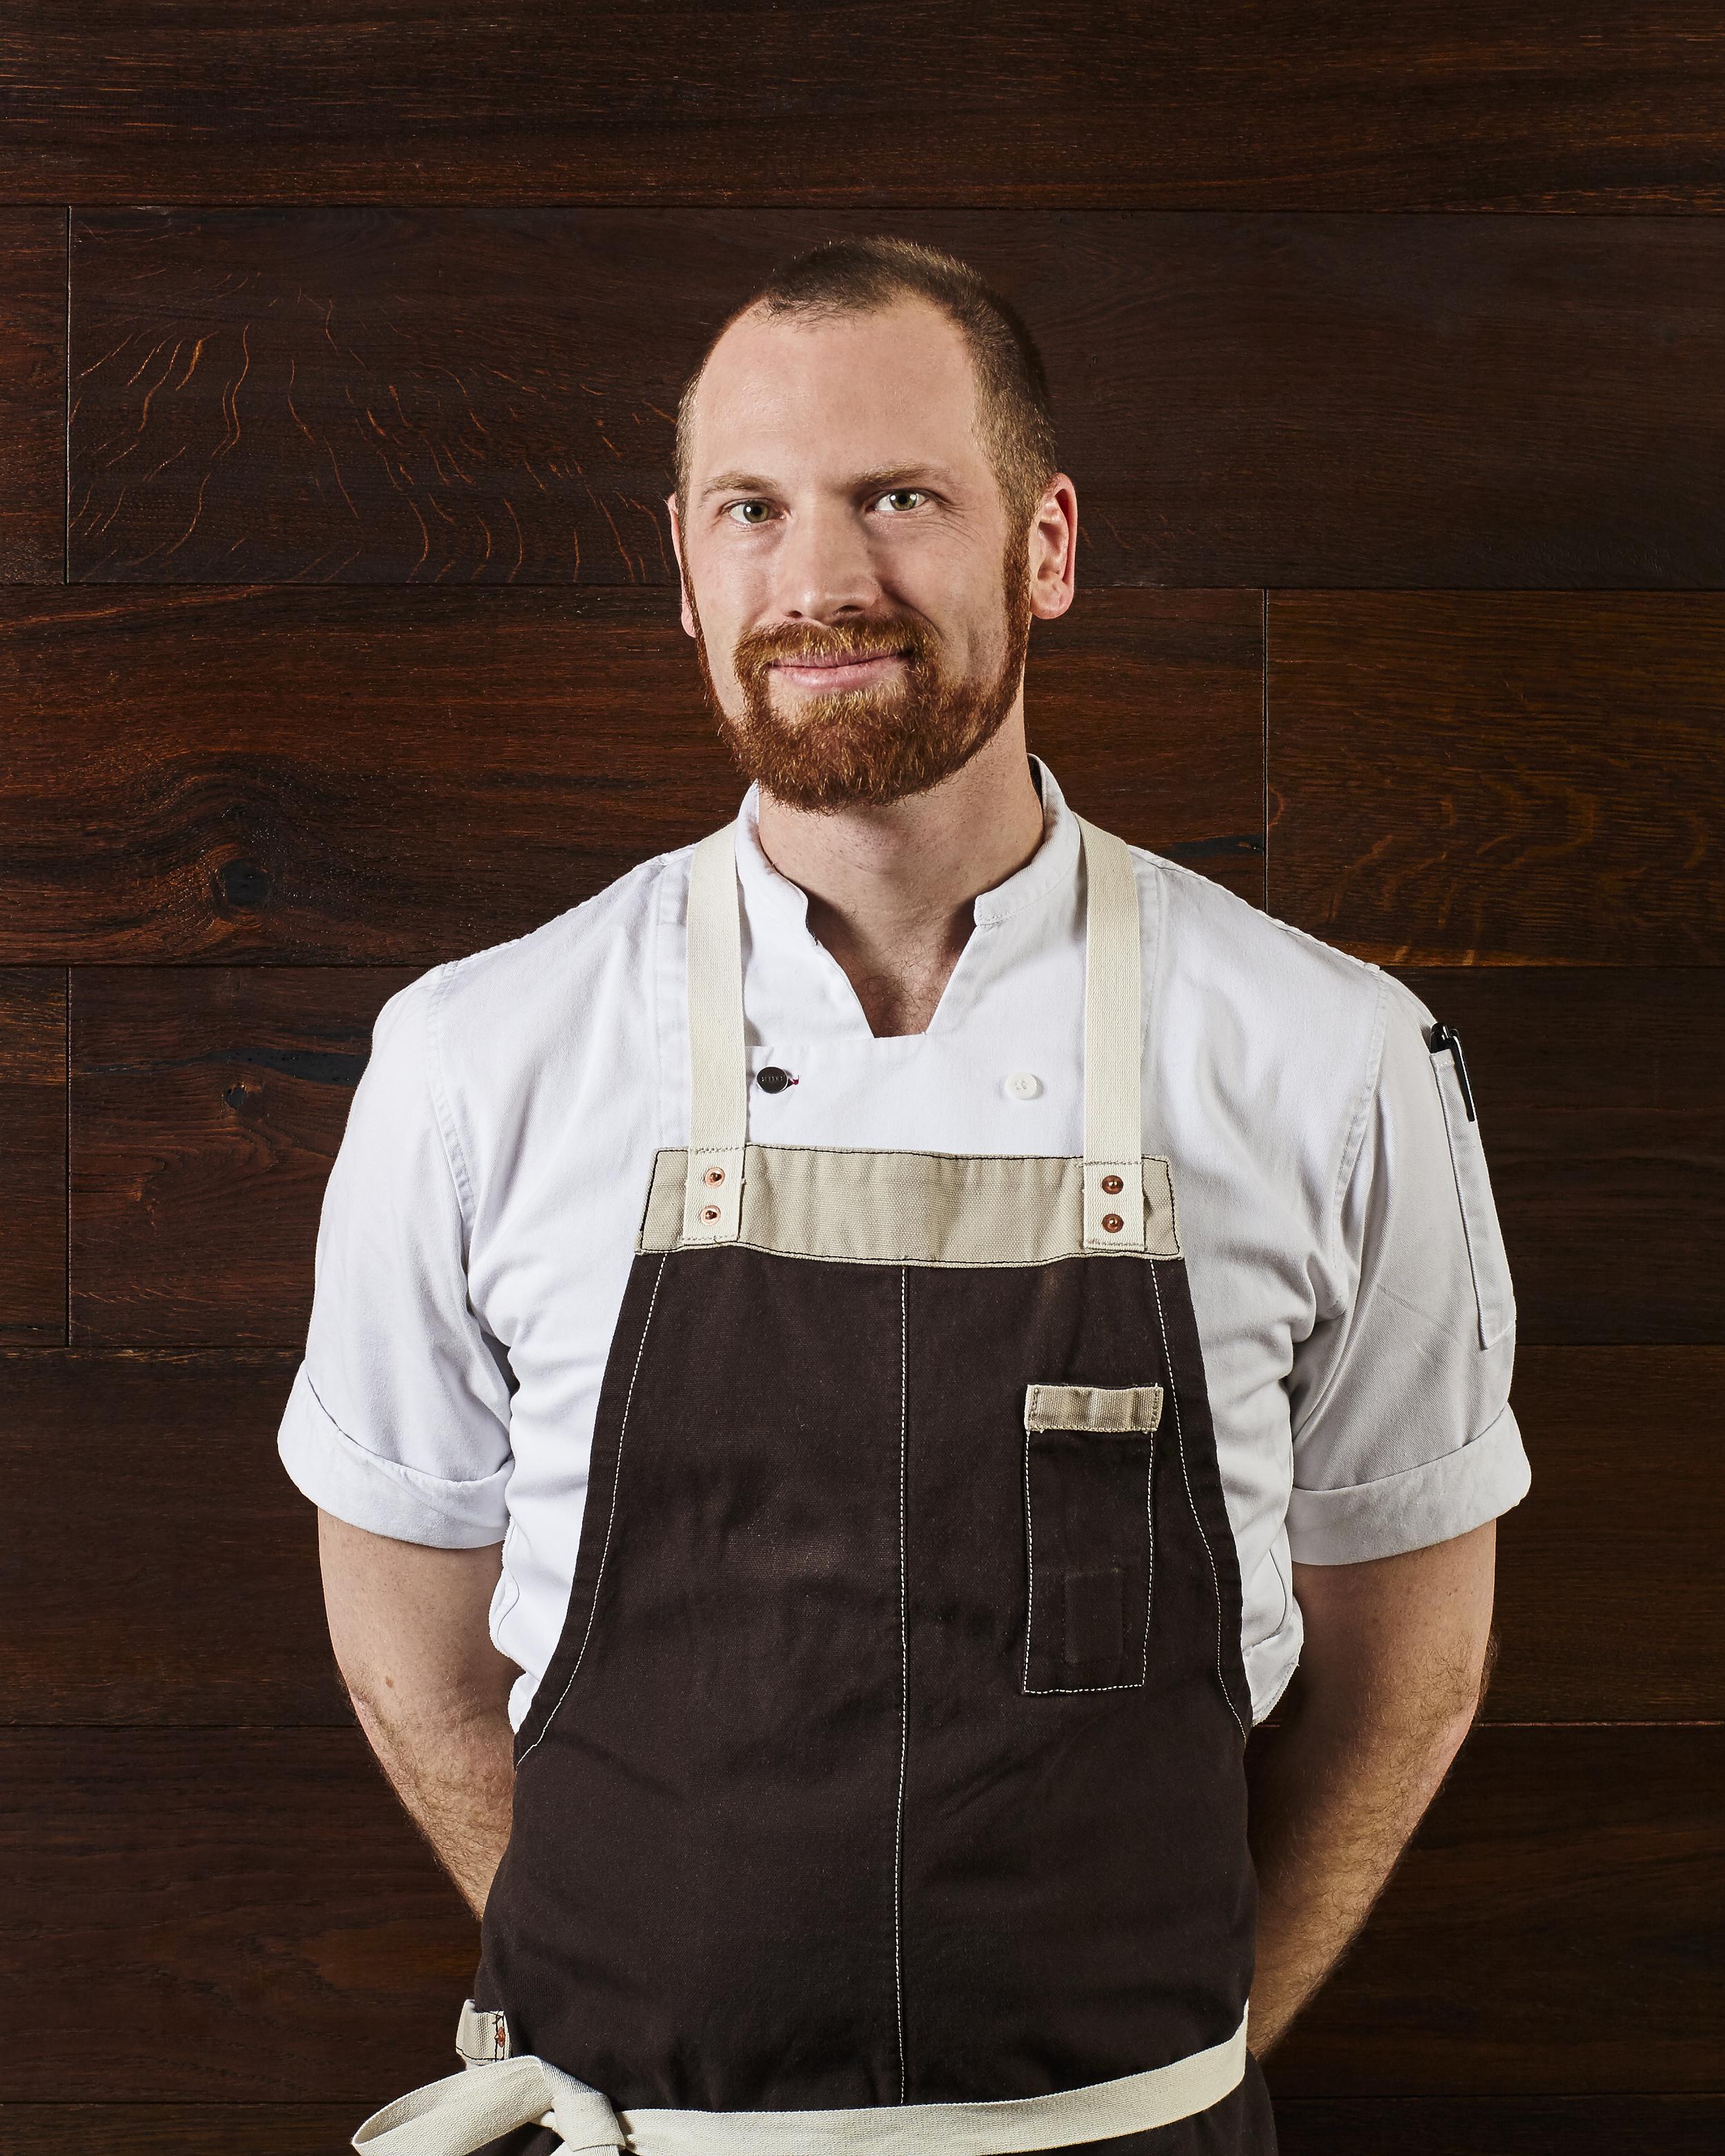 Executive Chef Kevin Fink, owner of Emmer & Rye  (credit: Hayden Spears)